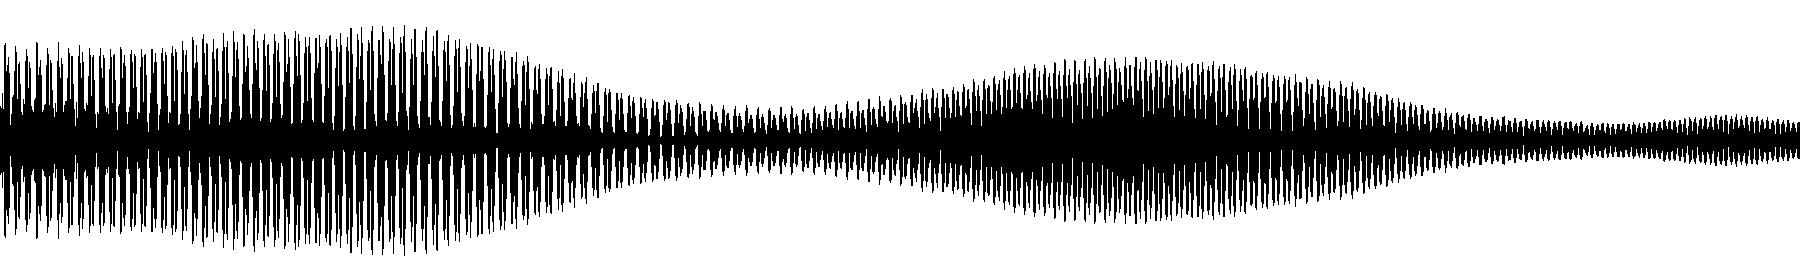 gia sound 30 f4